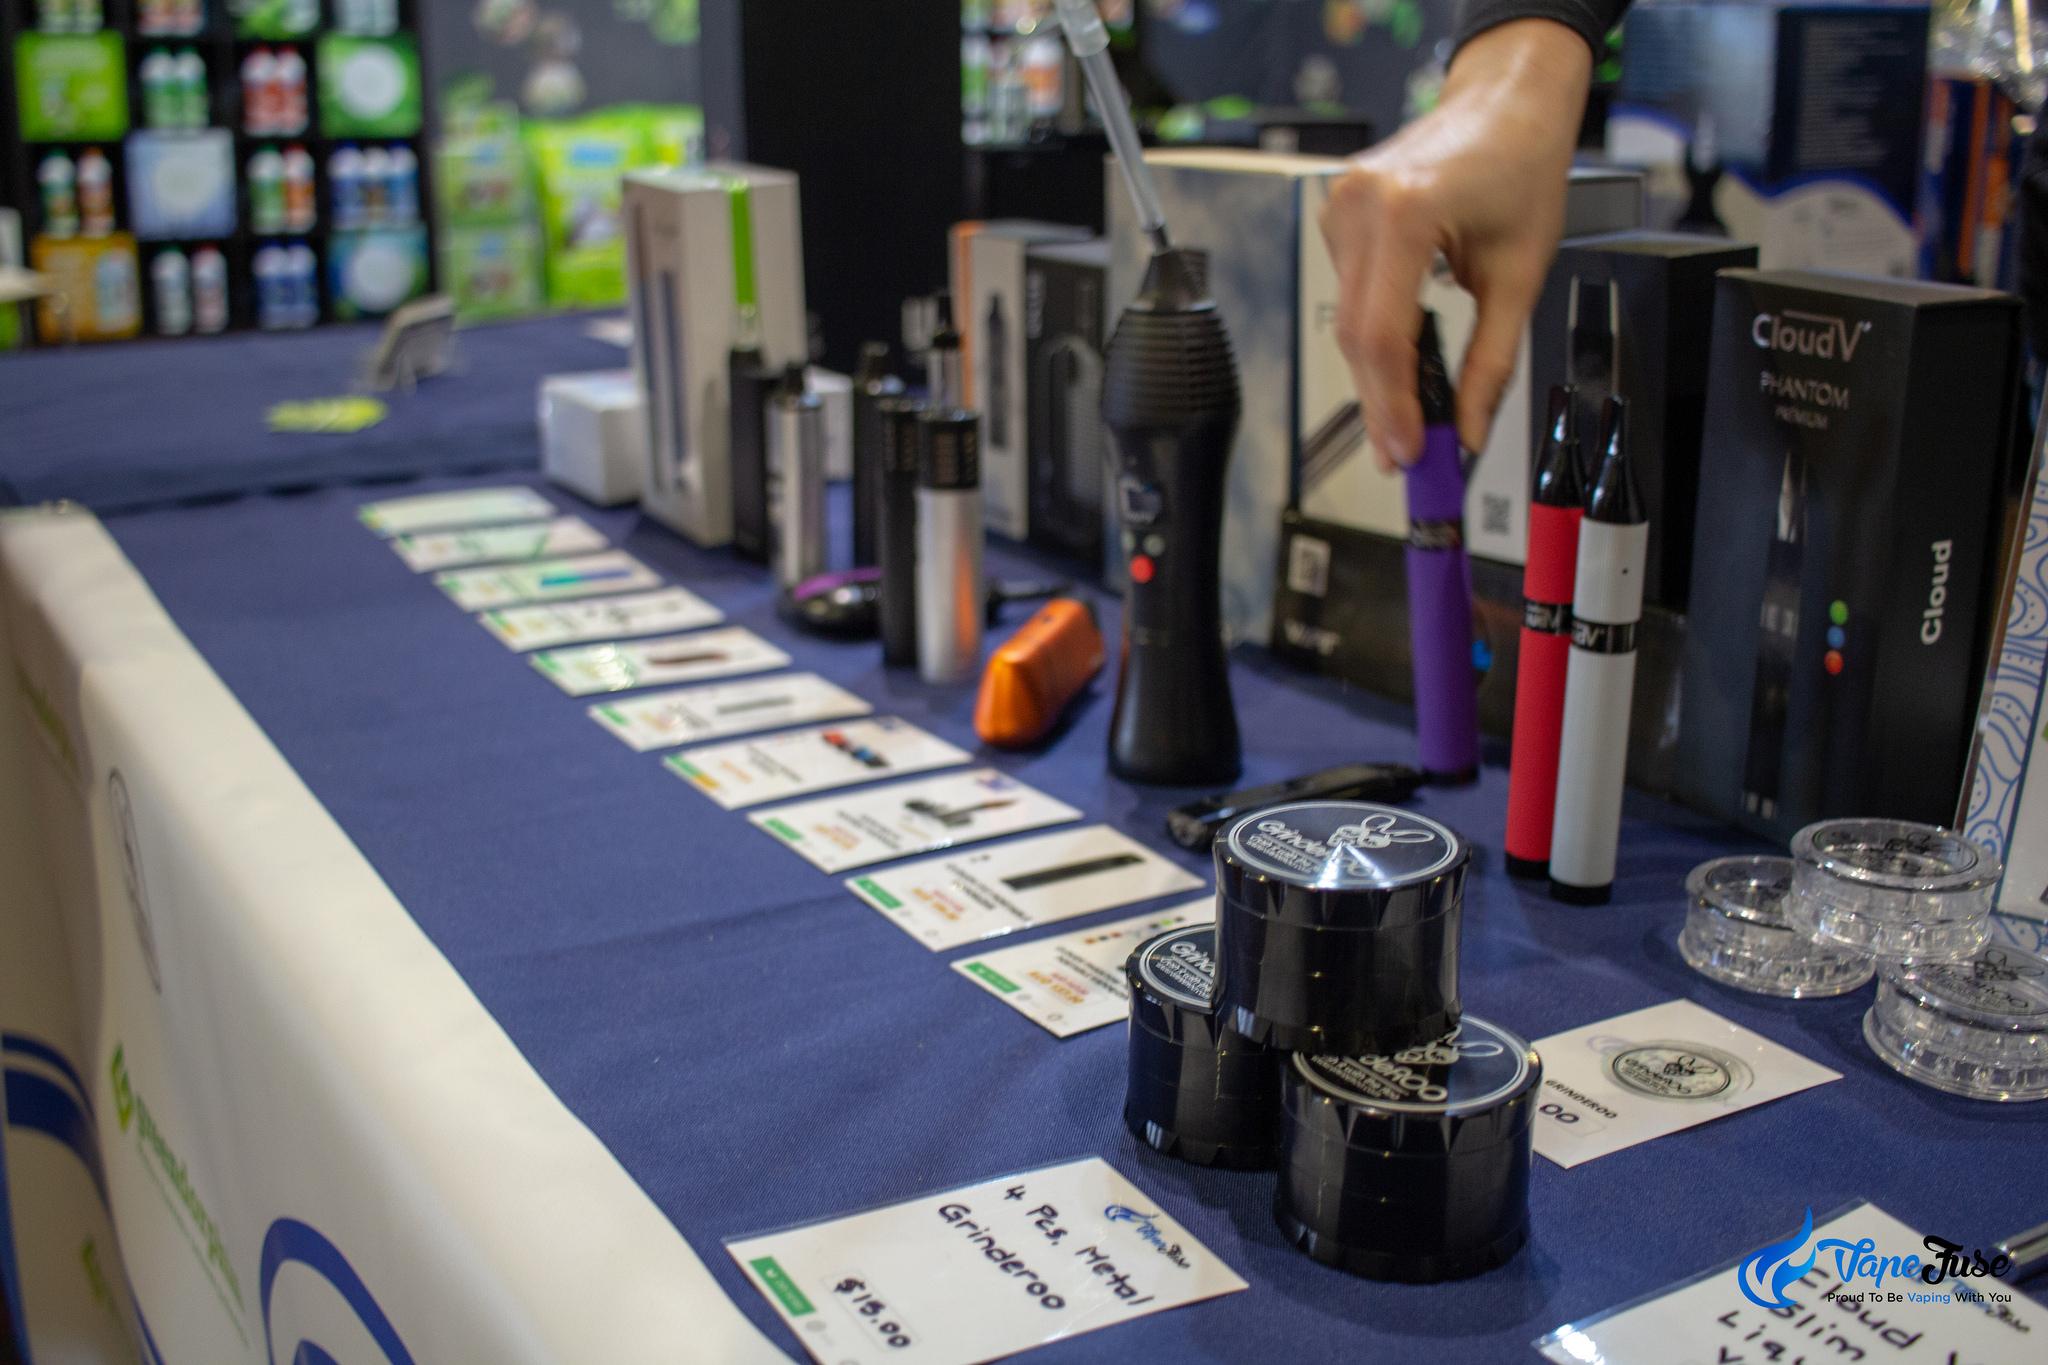 herbal vaporizers